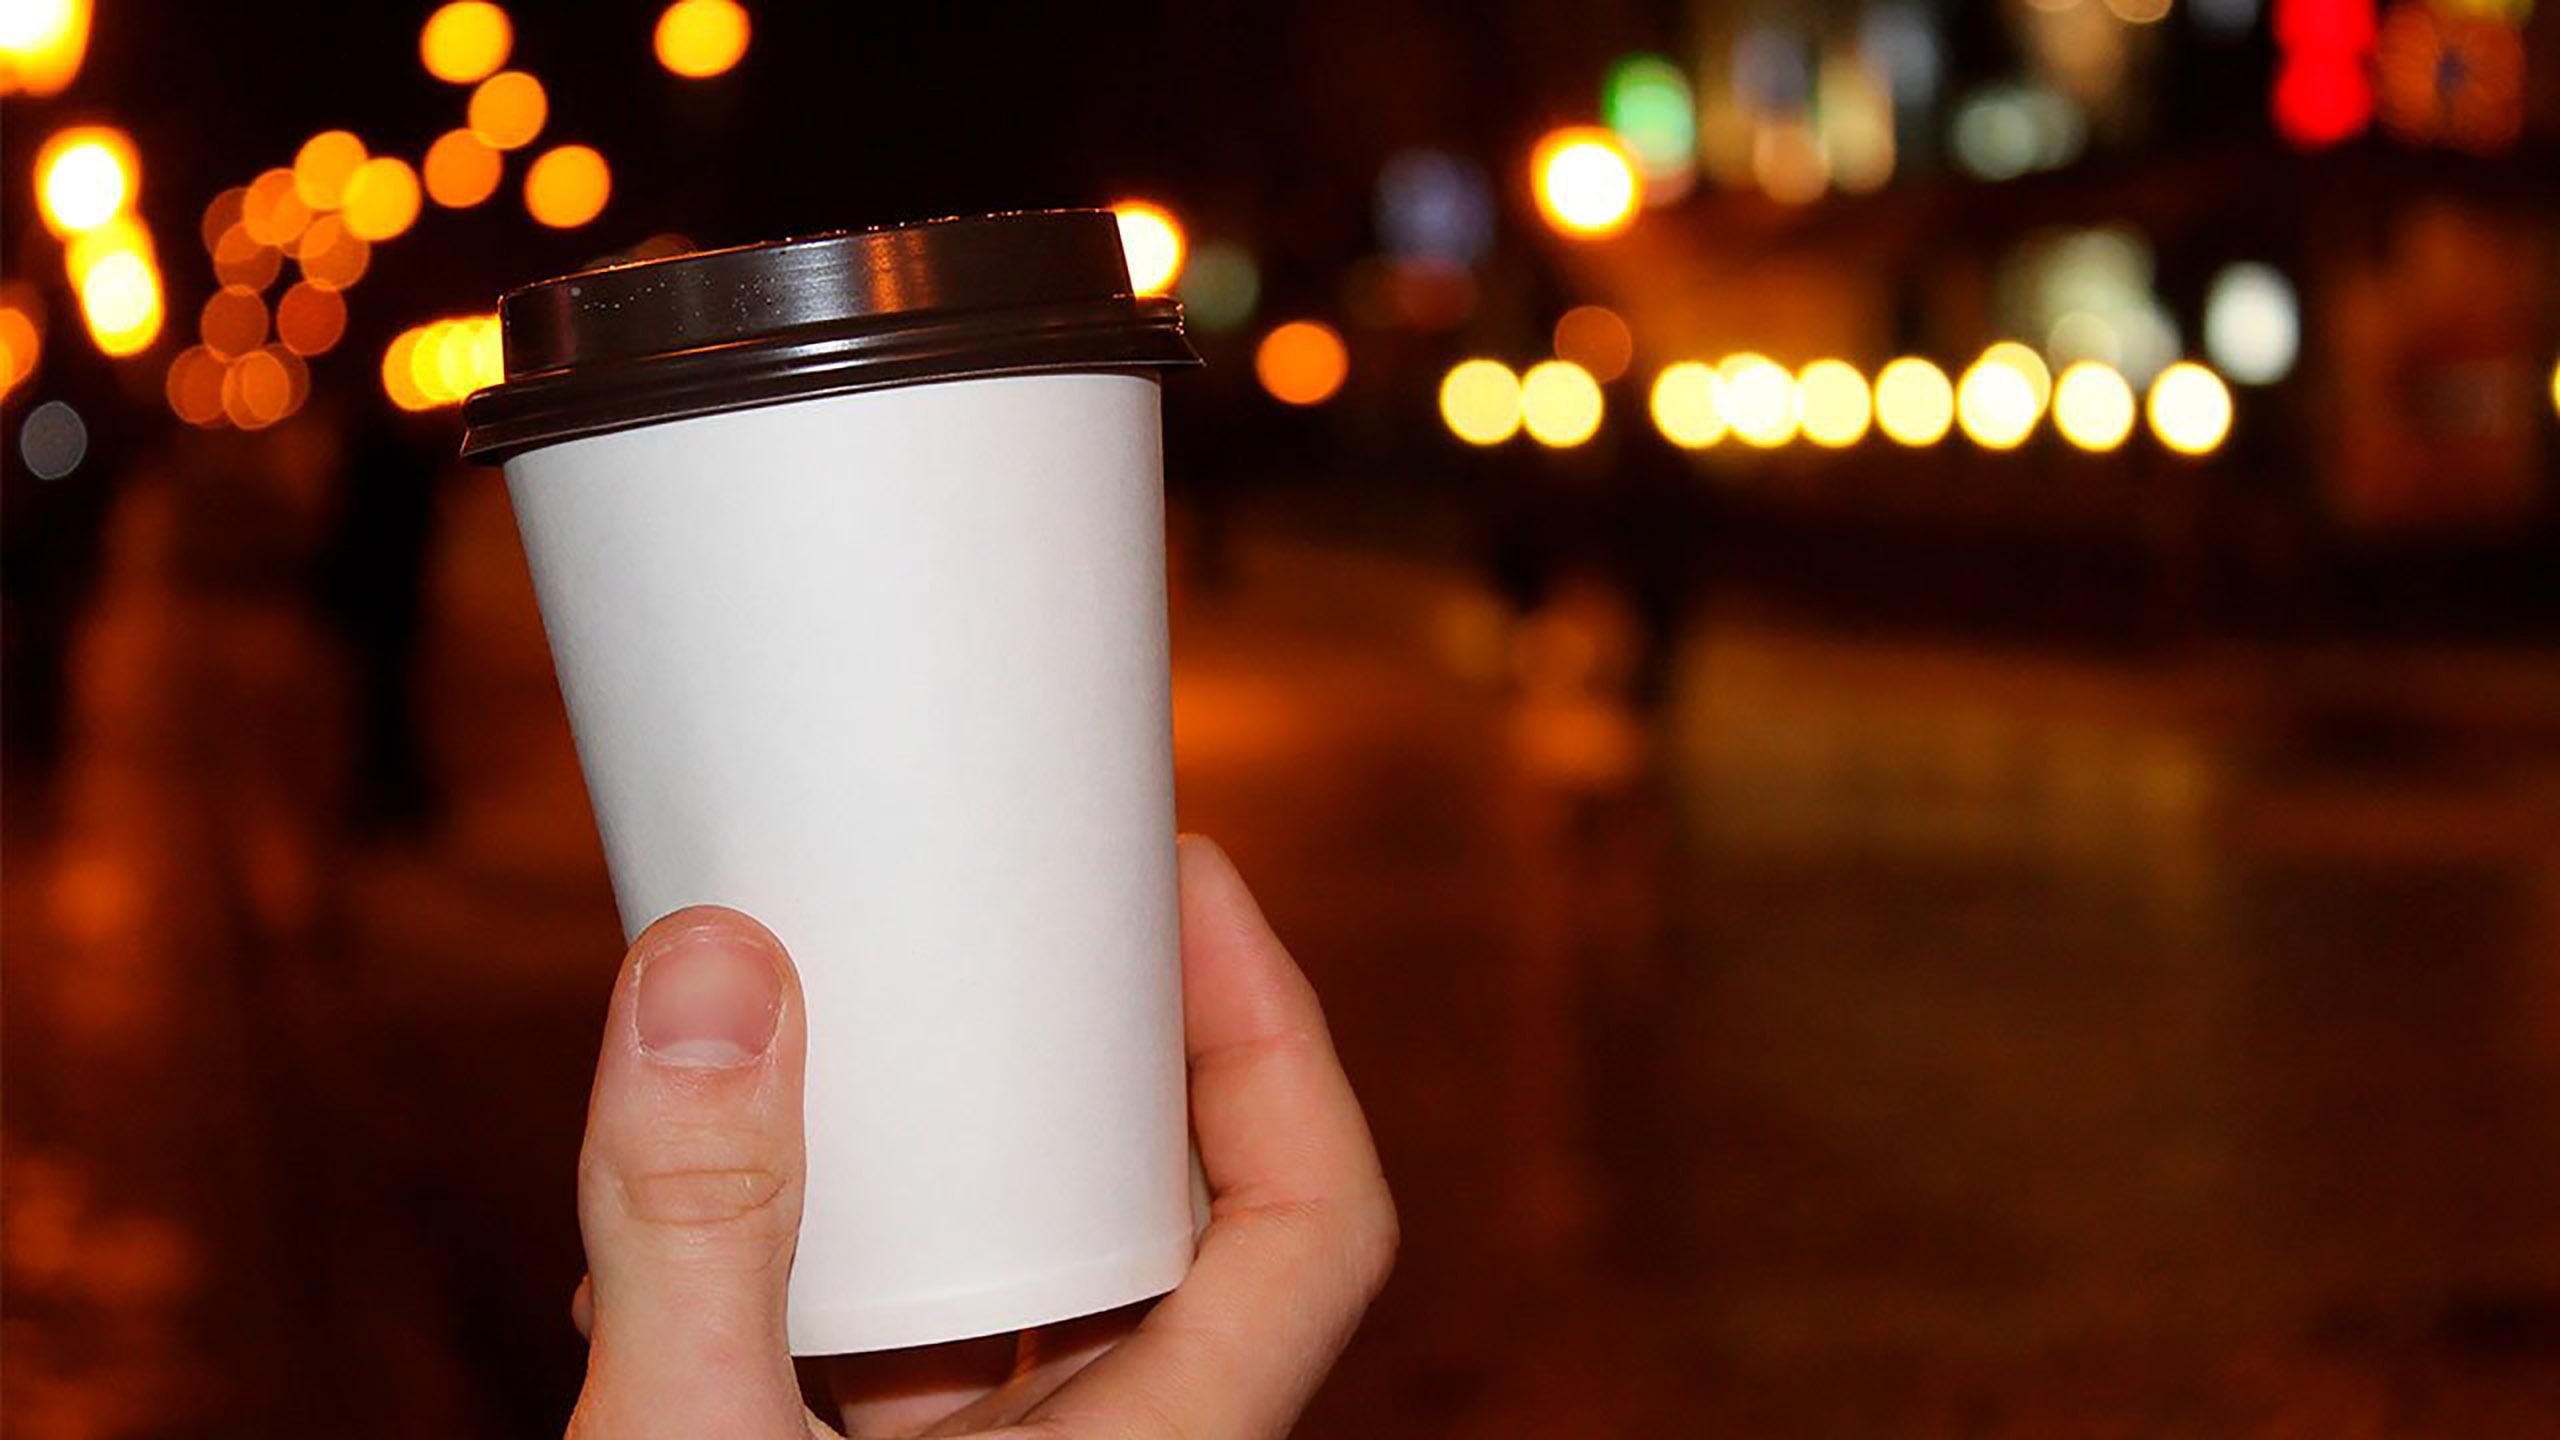 café, vaso de café